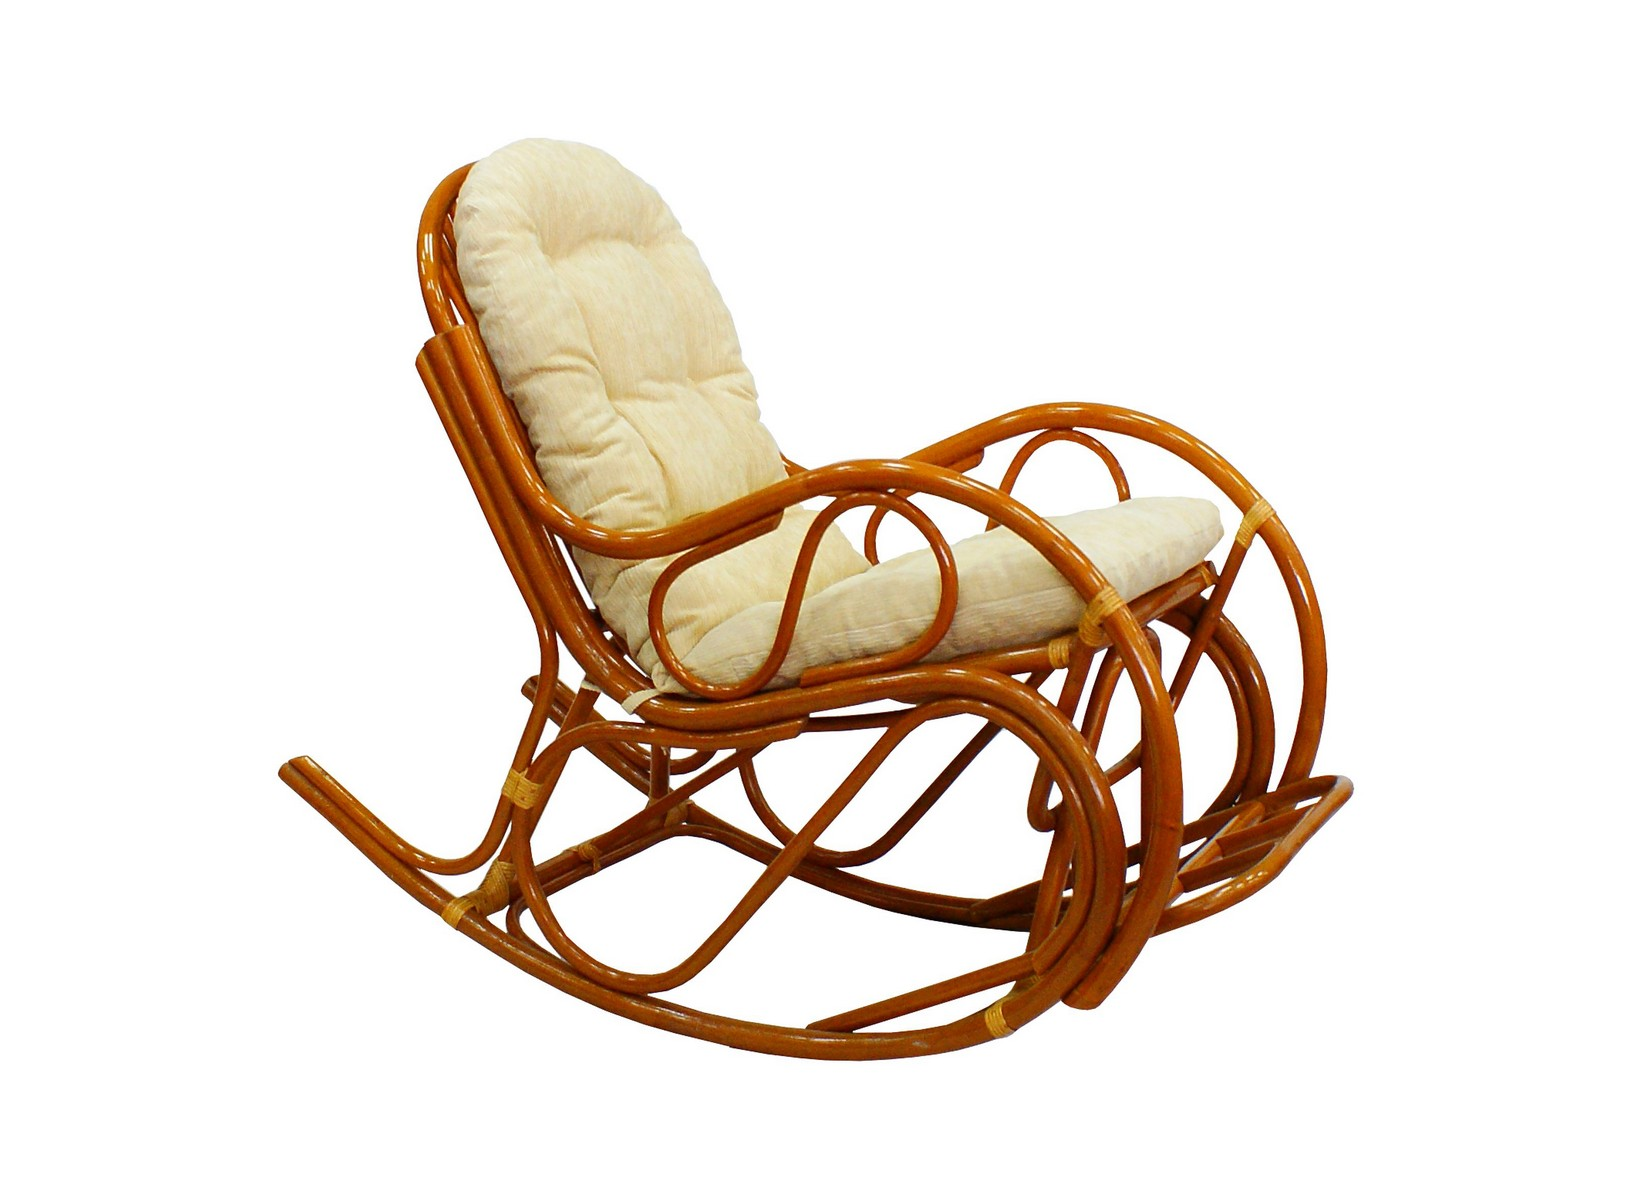 Кресло-качалка с подножкойКресла для сада<br>Классическое плетеное кресло-качалка из ротанга - подарит Вам удивительное ощущение спокойствия и безмятежности. Ротанг является гибким и прочным растением, что позволяет креслу-качалке из ротанга выдерживать большой вес, оставаясь при этом удивительно легким.&amp;amp;nbsp;&amp;lt;div&amp;gt;&amp;lt;br&amp;gt;&amp;lt;/div&amp;gt;&amp;lt;div&amp;gt;Материал каркаса: натуральный ротанг&amp;lt;/div&amp;gt;&amp;lt;div&amp;gt;Цвет: коньячный&amp;lt;/div&amp;gt;&amp;lt;div&amp;gt;Материал подушки: шенилл&amp;lt;/div&amp;gt;&amp;lt;div&amp;gt;Вес, кг:  15&amp;lt;/div&amp;gt;&amp;lt;div&amp;gt;Выдерживаемая нагрузка, кг:  120&amp;lt;/div&amp;gt;<br><br>Material: Ротанг<br>Ширина см: 60<br>Высота см: 100<br>Глубина см: 127